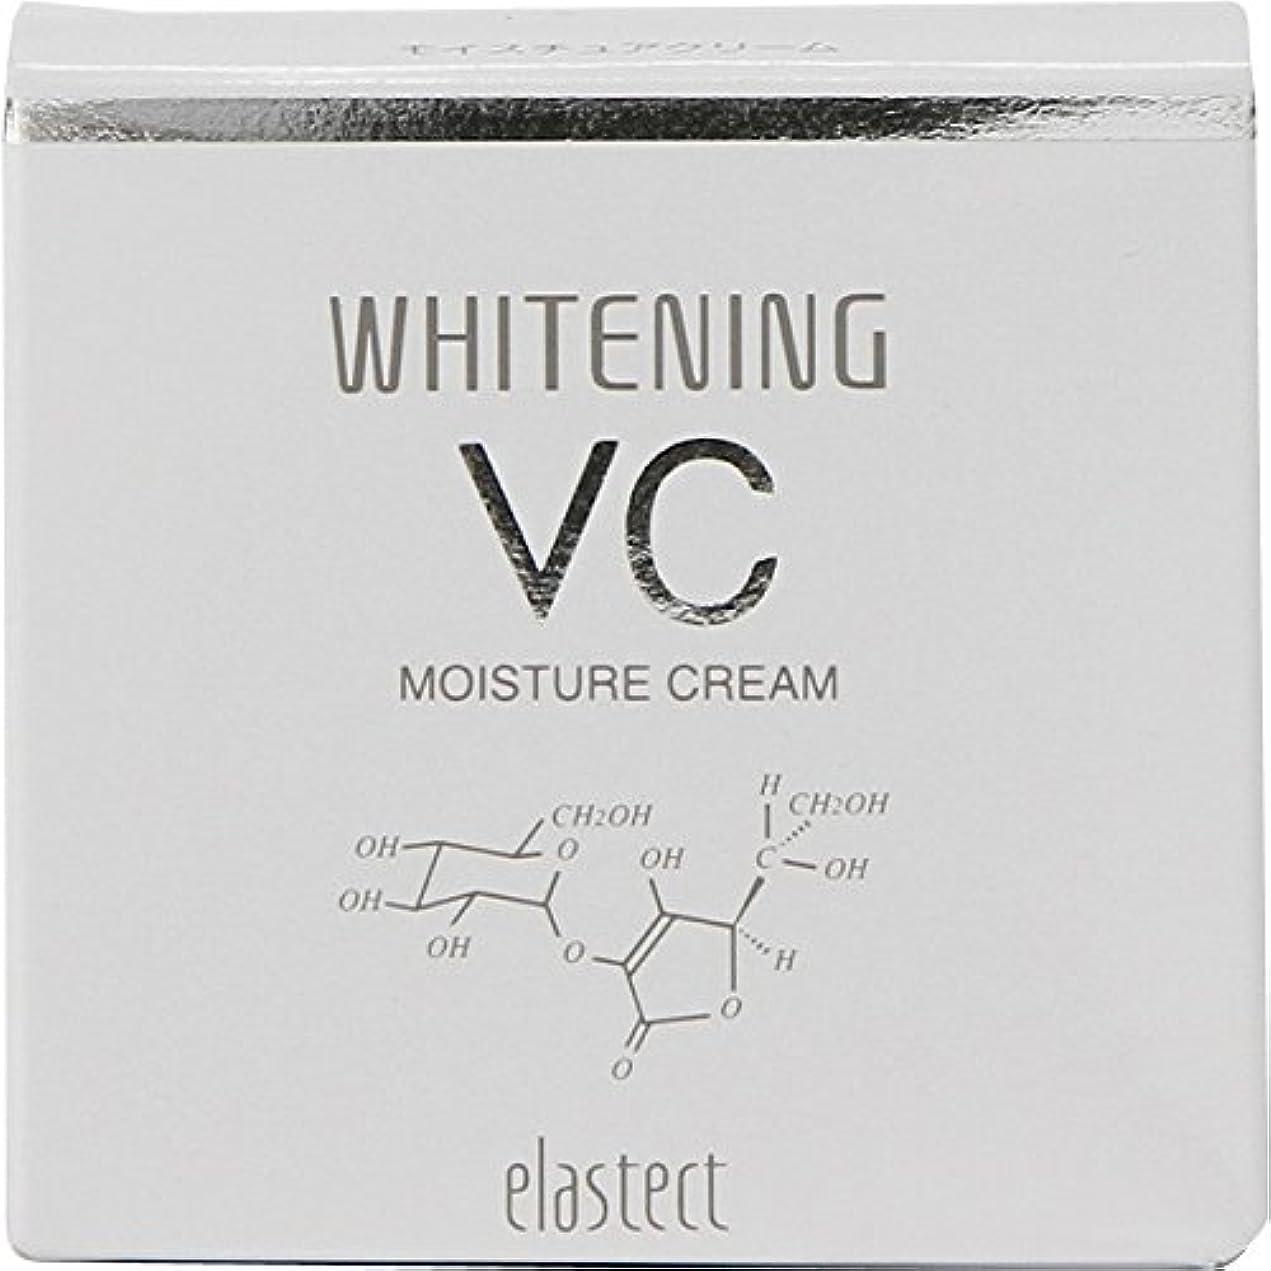 比率クリーム非互換エラステクト ホワイトニング モイスチュアクリーム 30g 【医薬部外品】